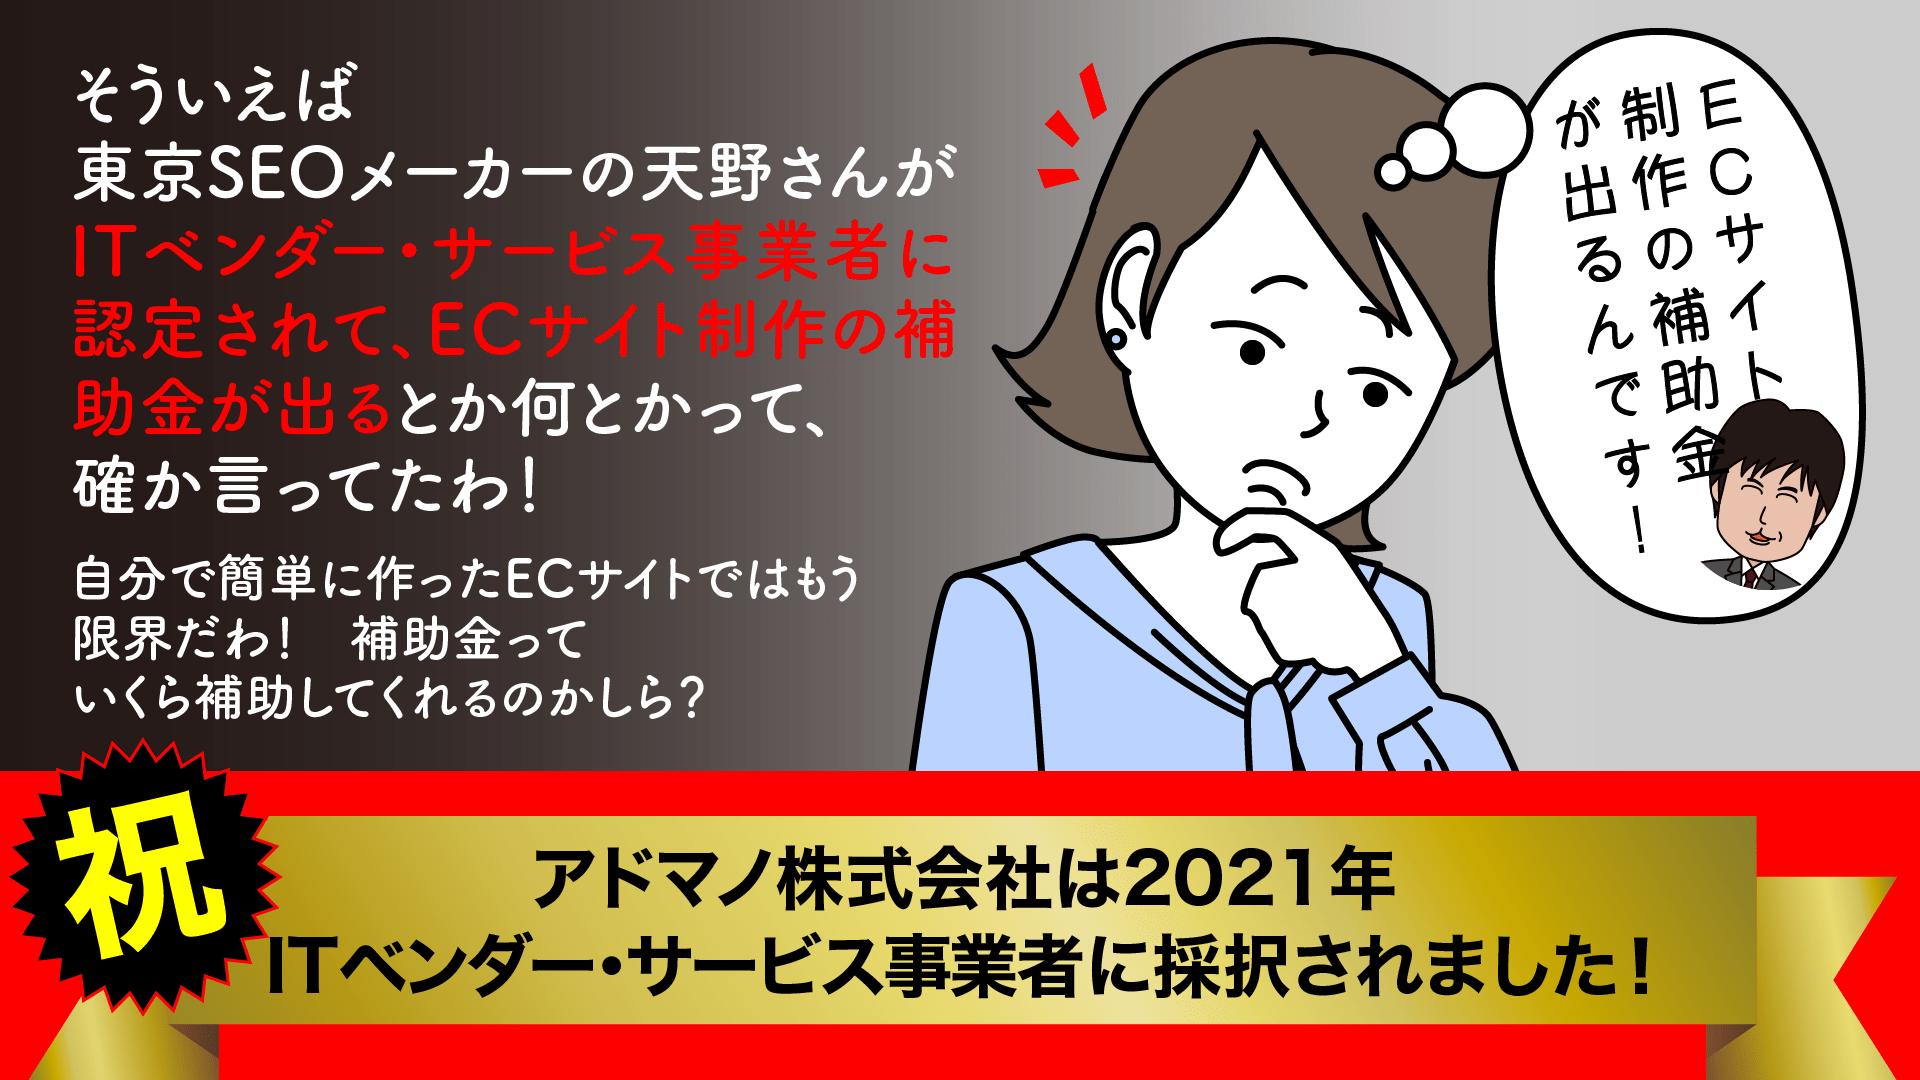 ECサイトリニューアル No!ドメインチェンジ②